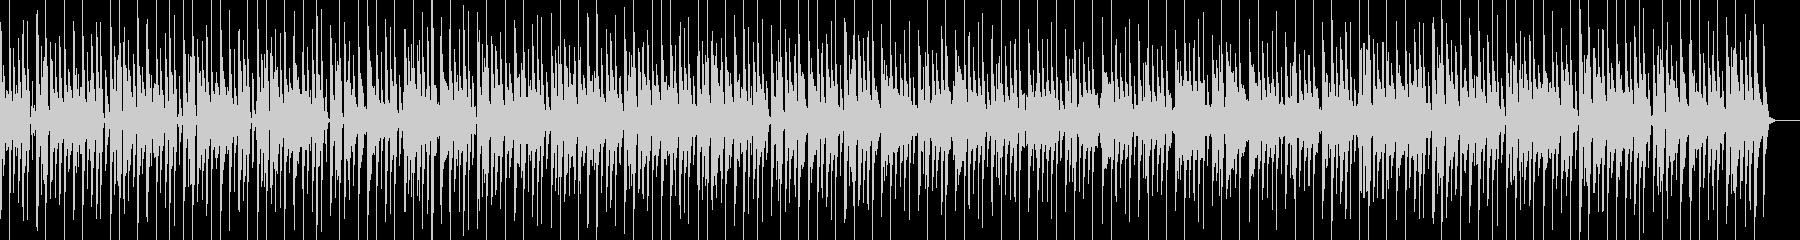 クラビネットとカリカリなギターリフ...の未再生の波形